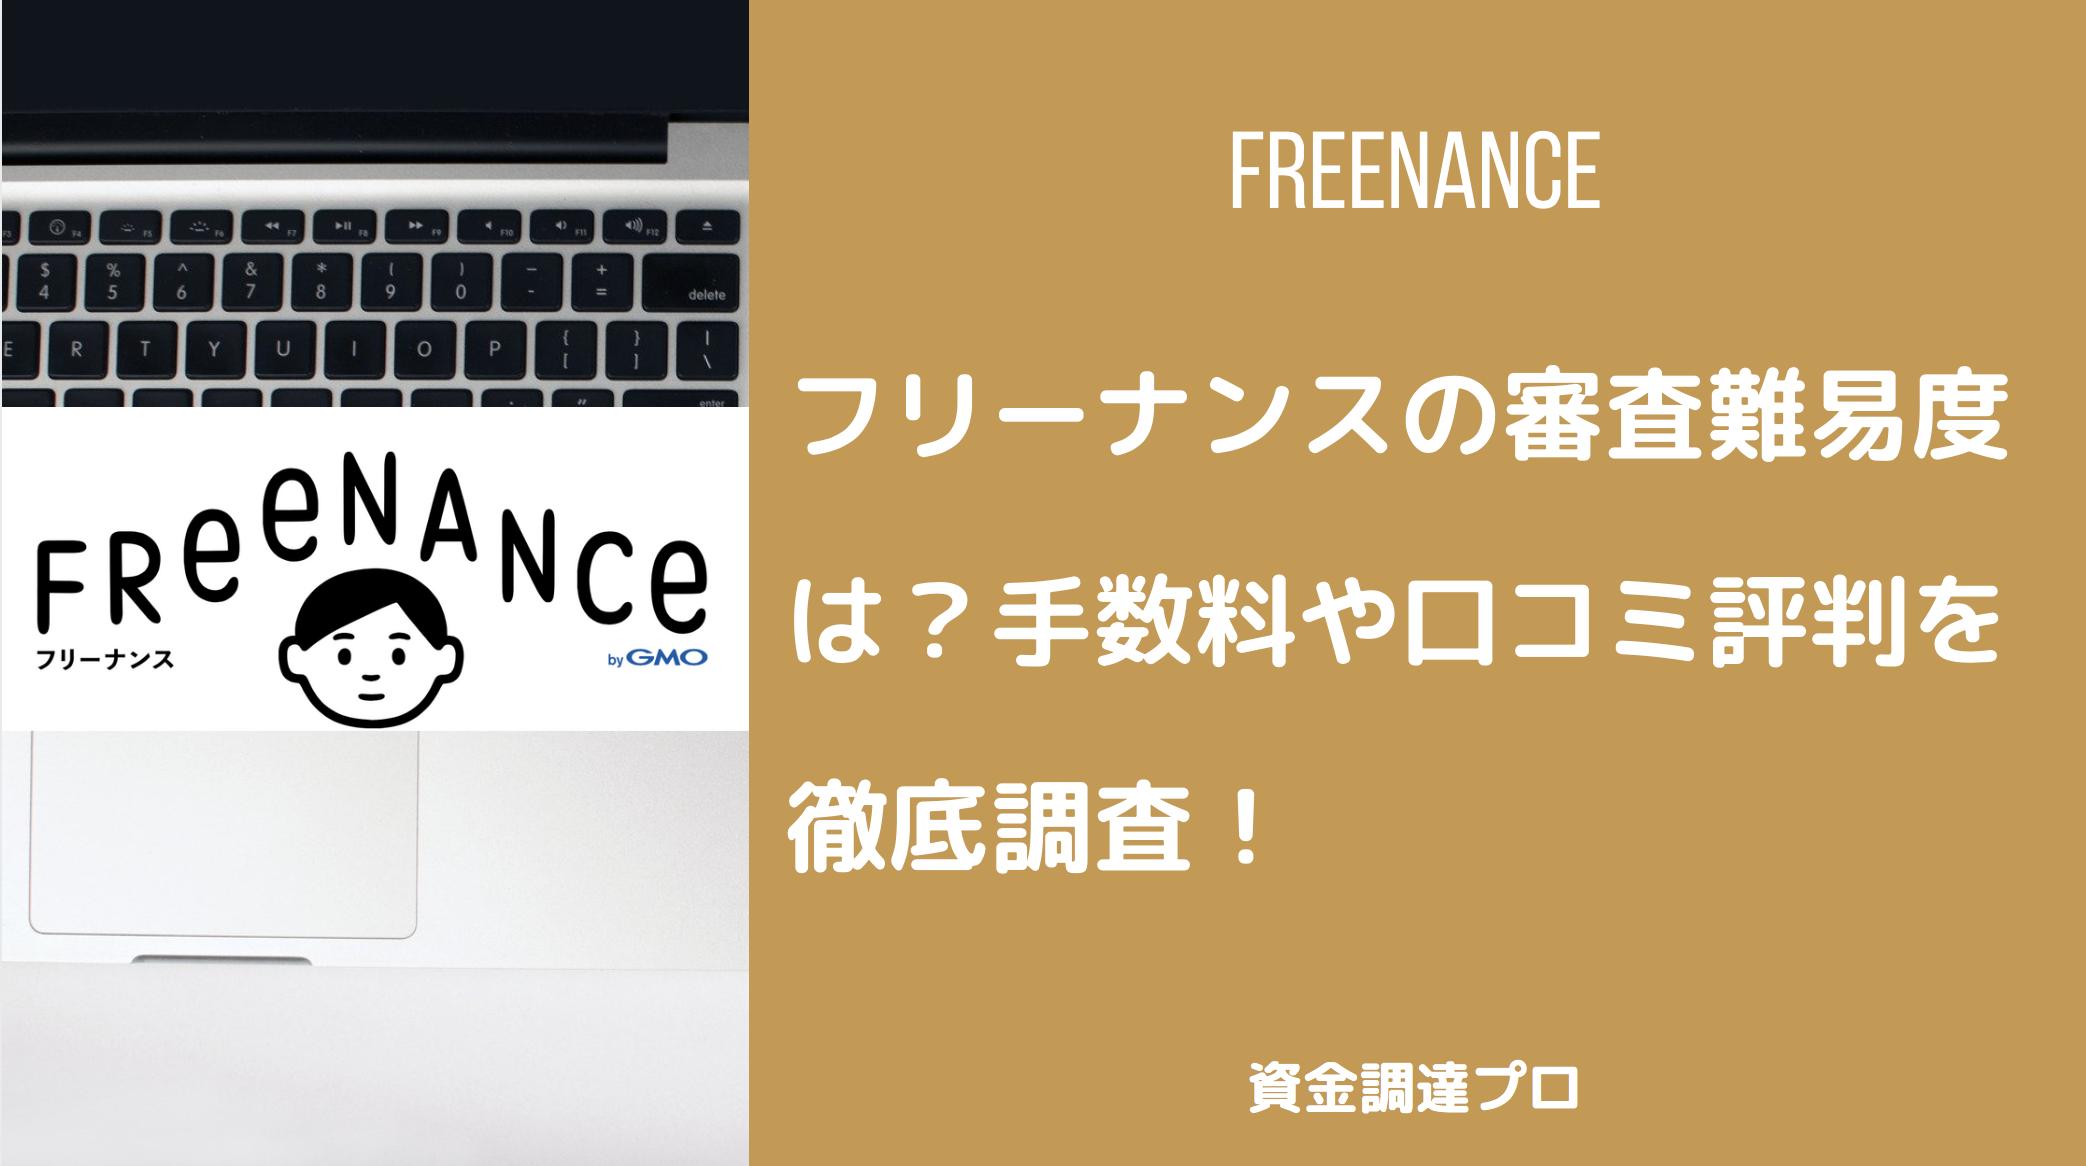 フリーナンス審査, Freenance審査, GMOフリーナンス